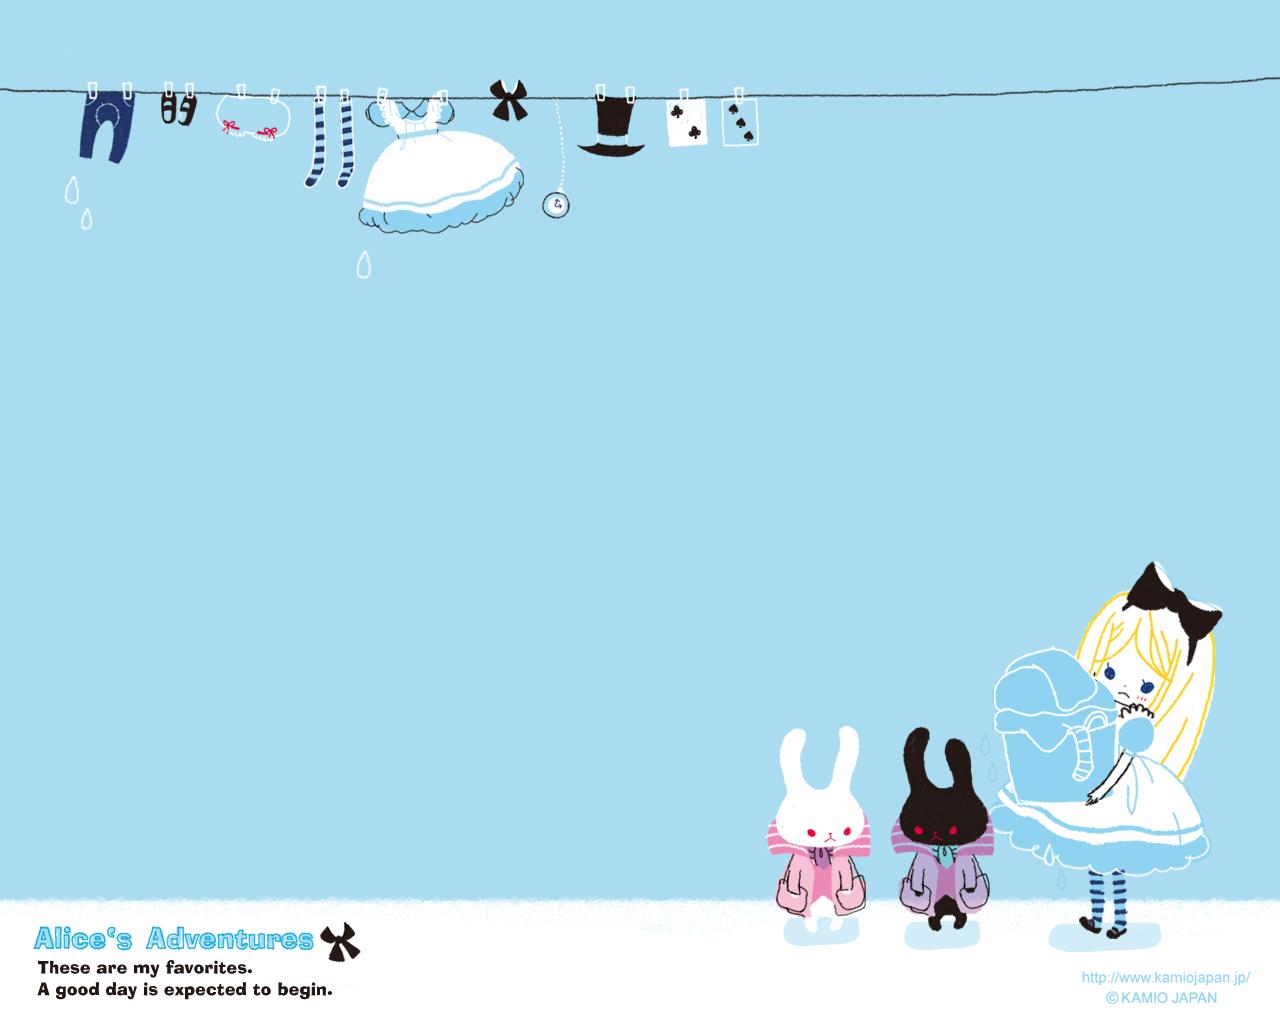 http://4.bp.blogspot.com/-4QVxTO6THmg/TZzFV5UCgOI/AAAAAAAAACg/K-mhdeNDuQ0/s1600/wp_fairy_1280_1024.jpg